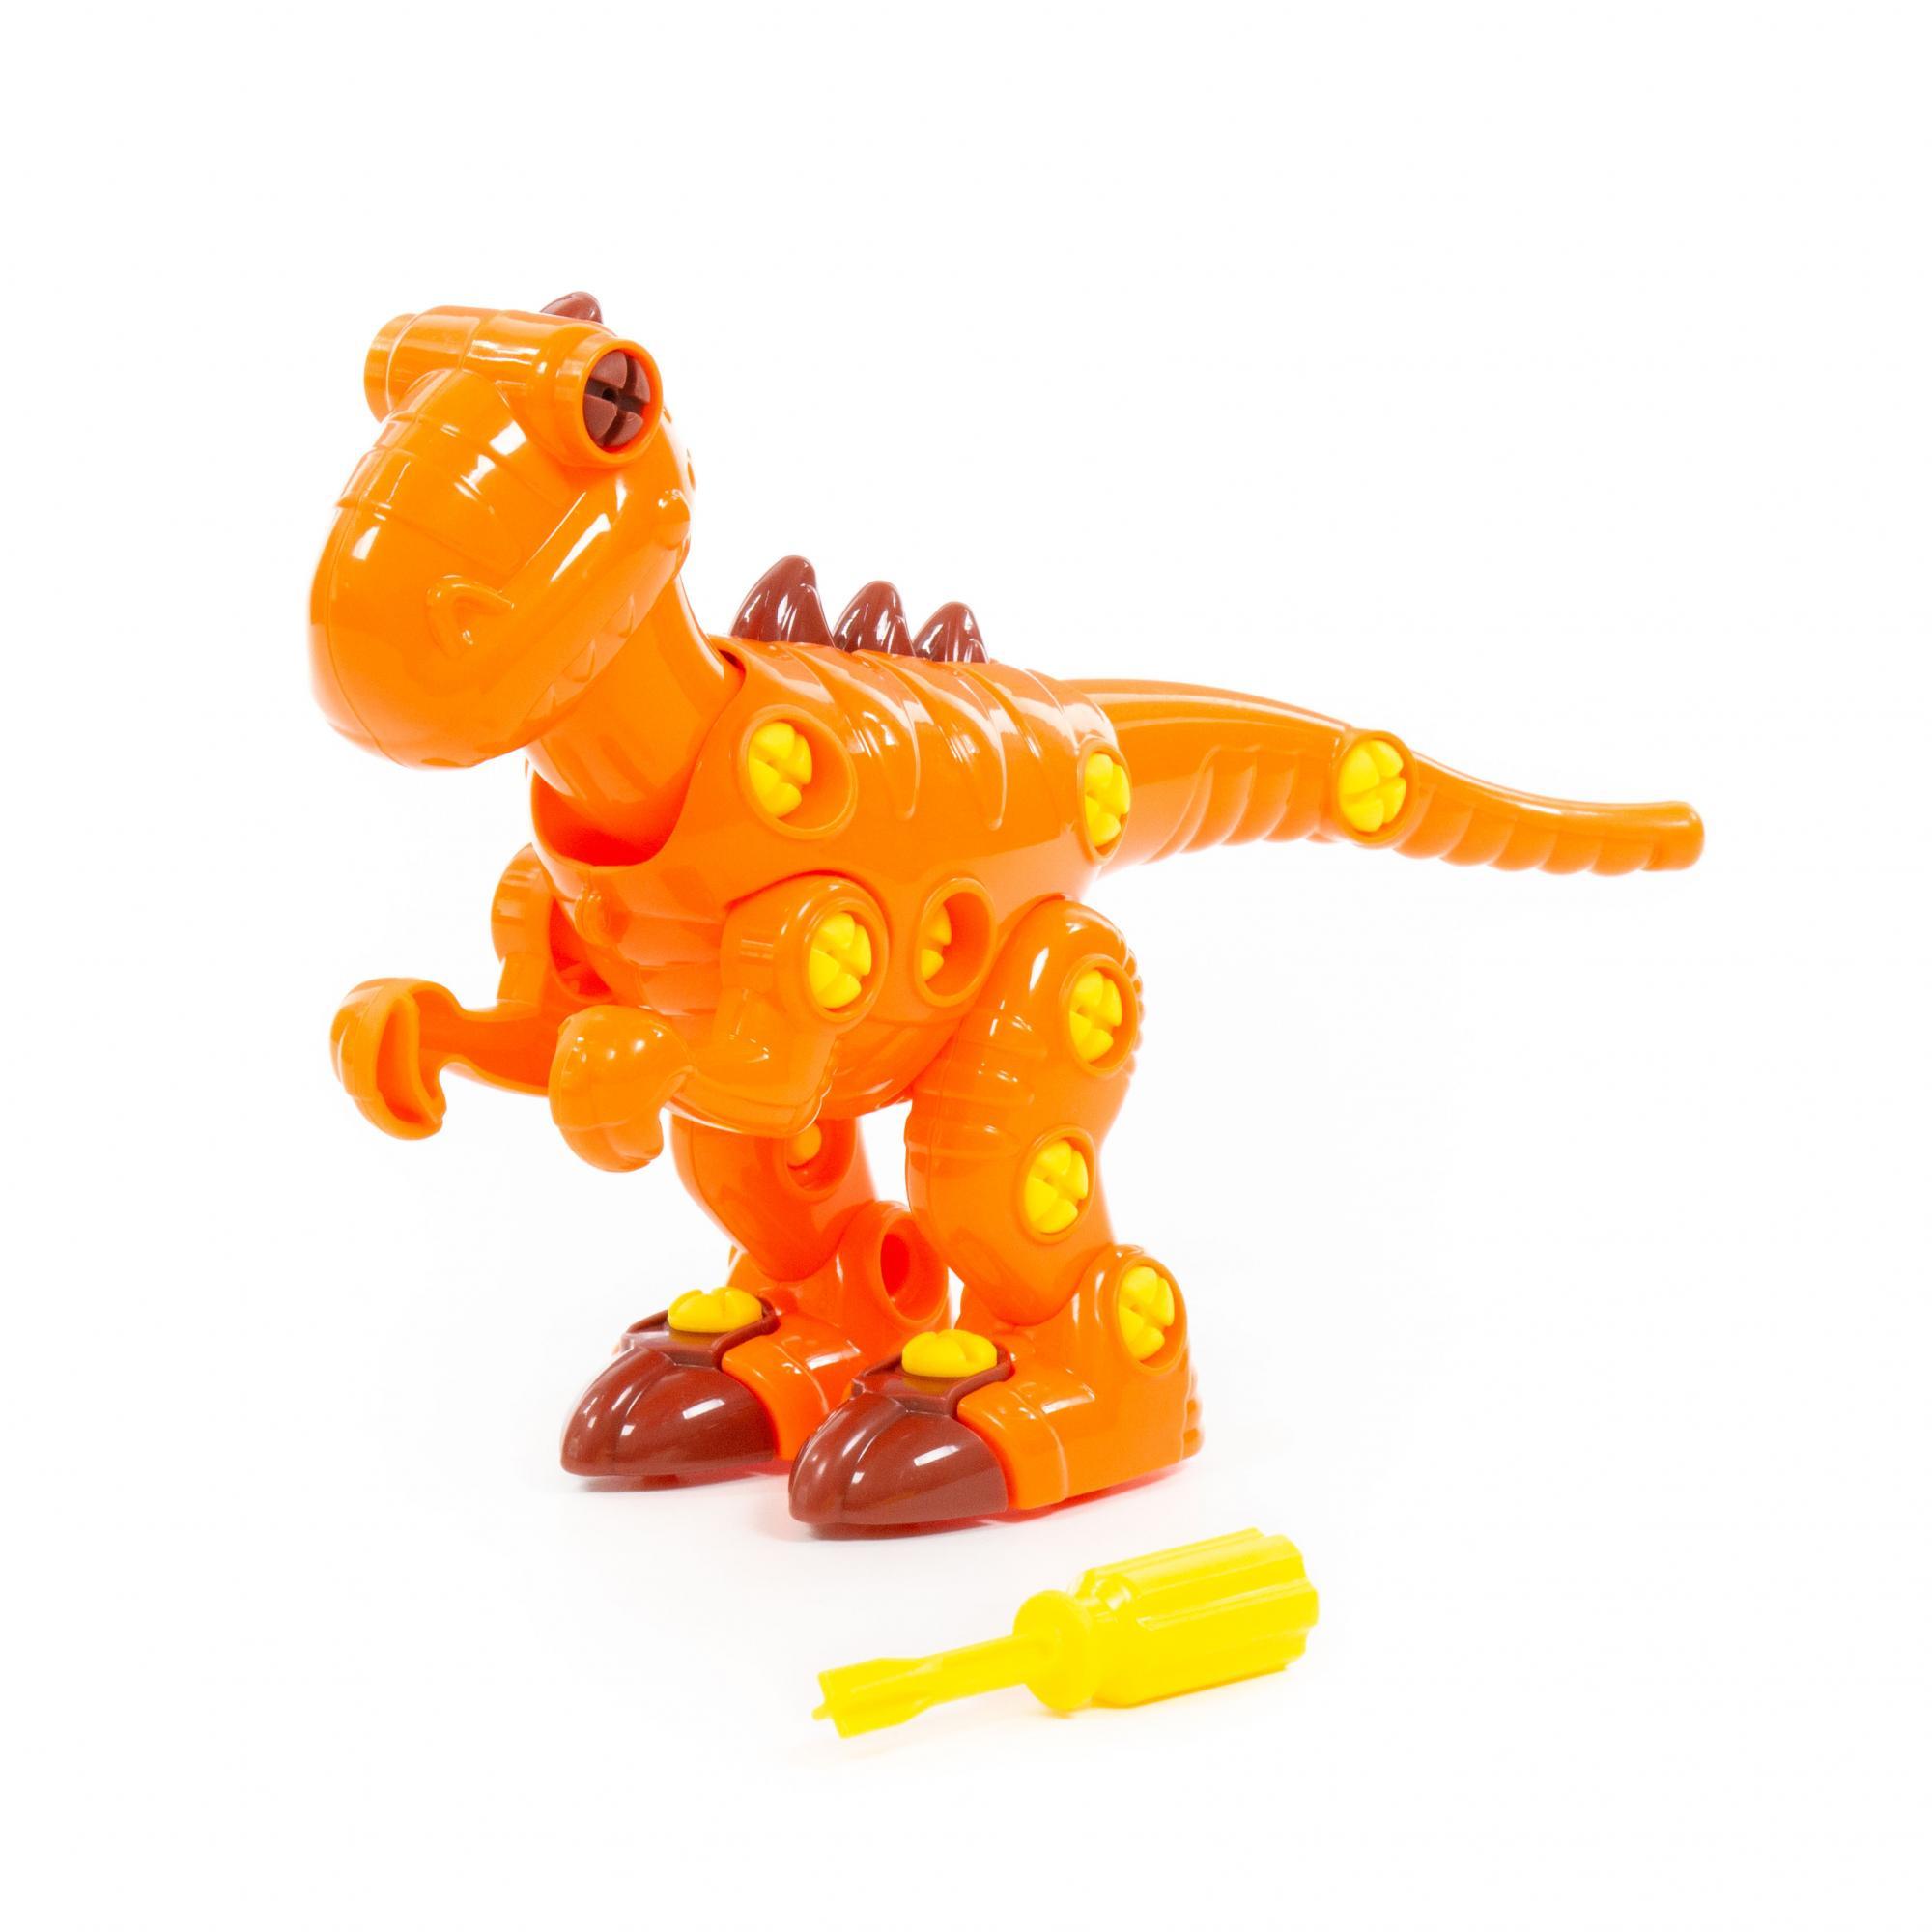 Купить Конструктор-динозавр Полесье Тираннозавр, 40 деталей, Конструкторы пластмассовые